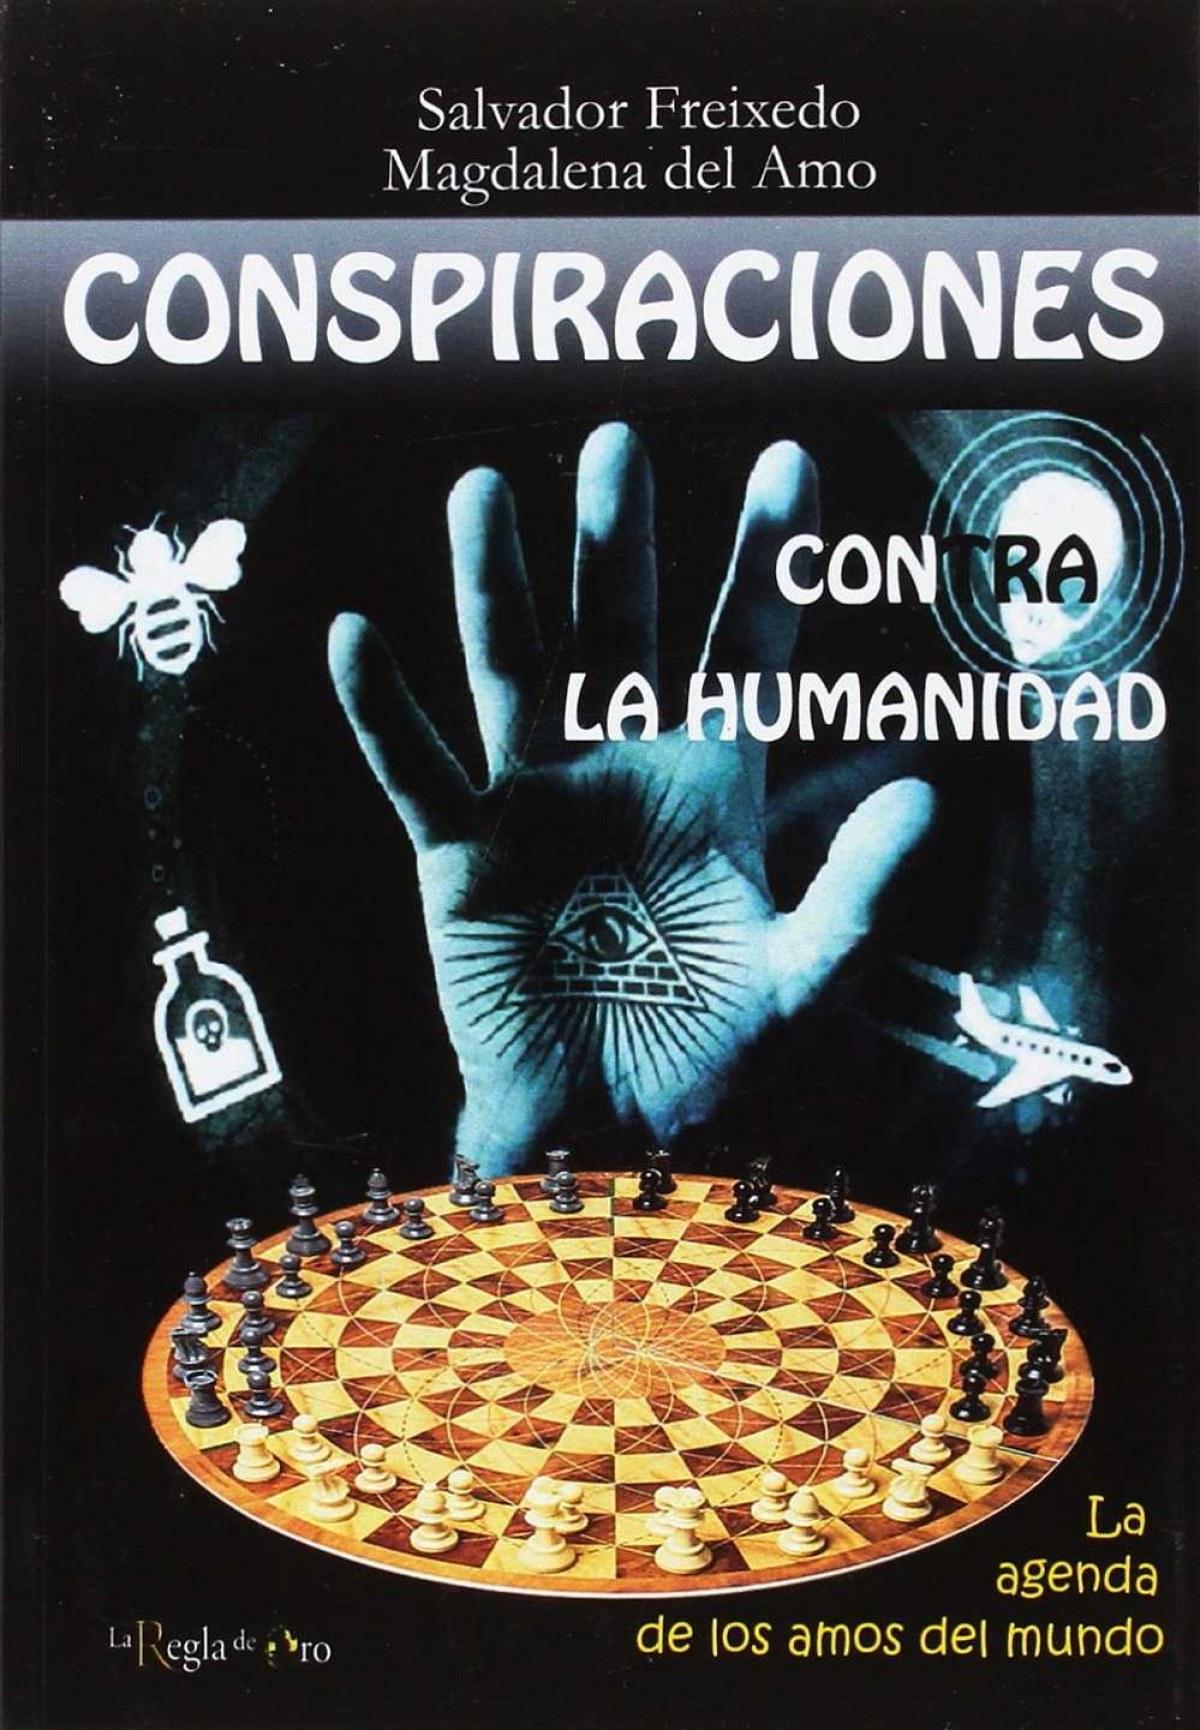 Conspiraciones contra la humanidad